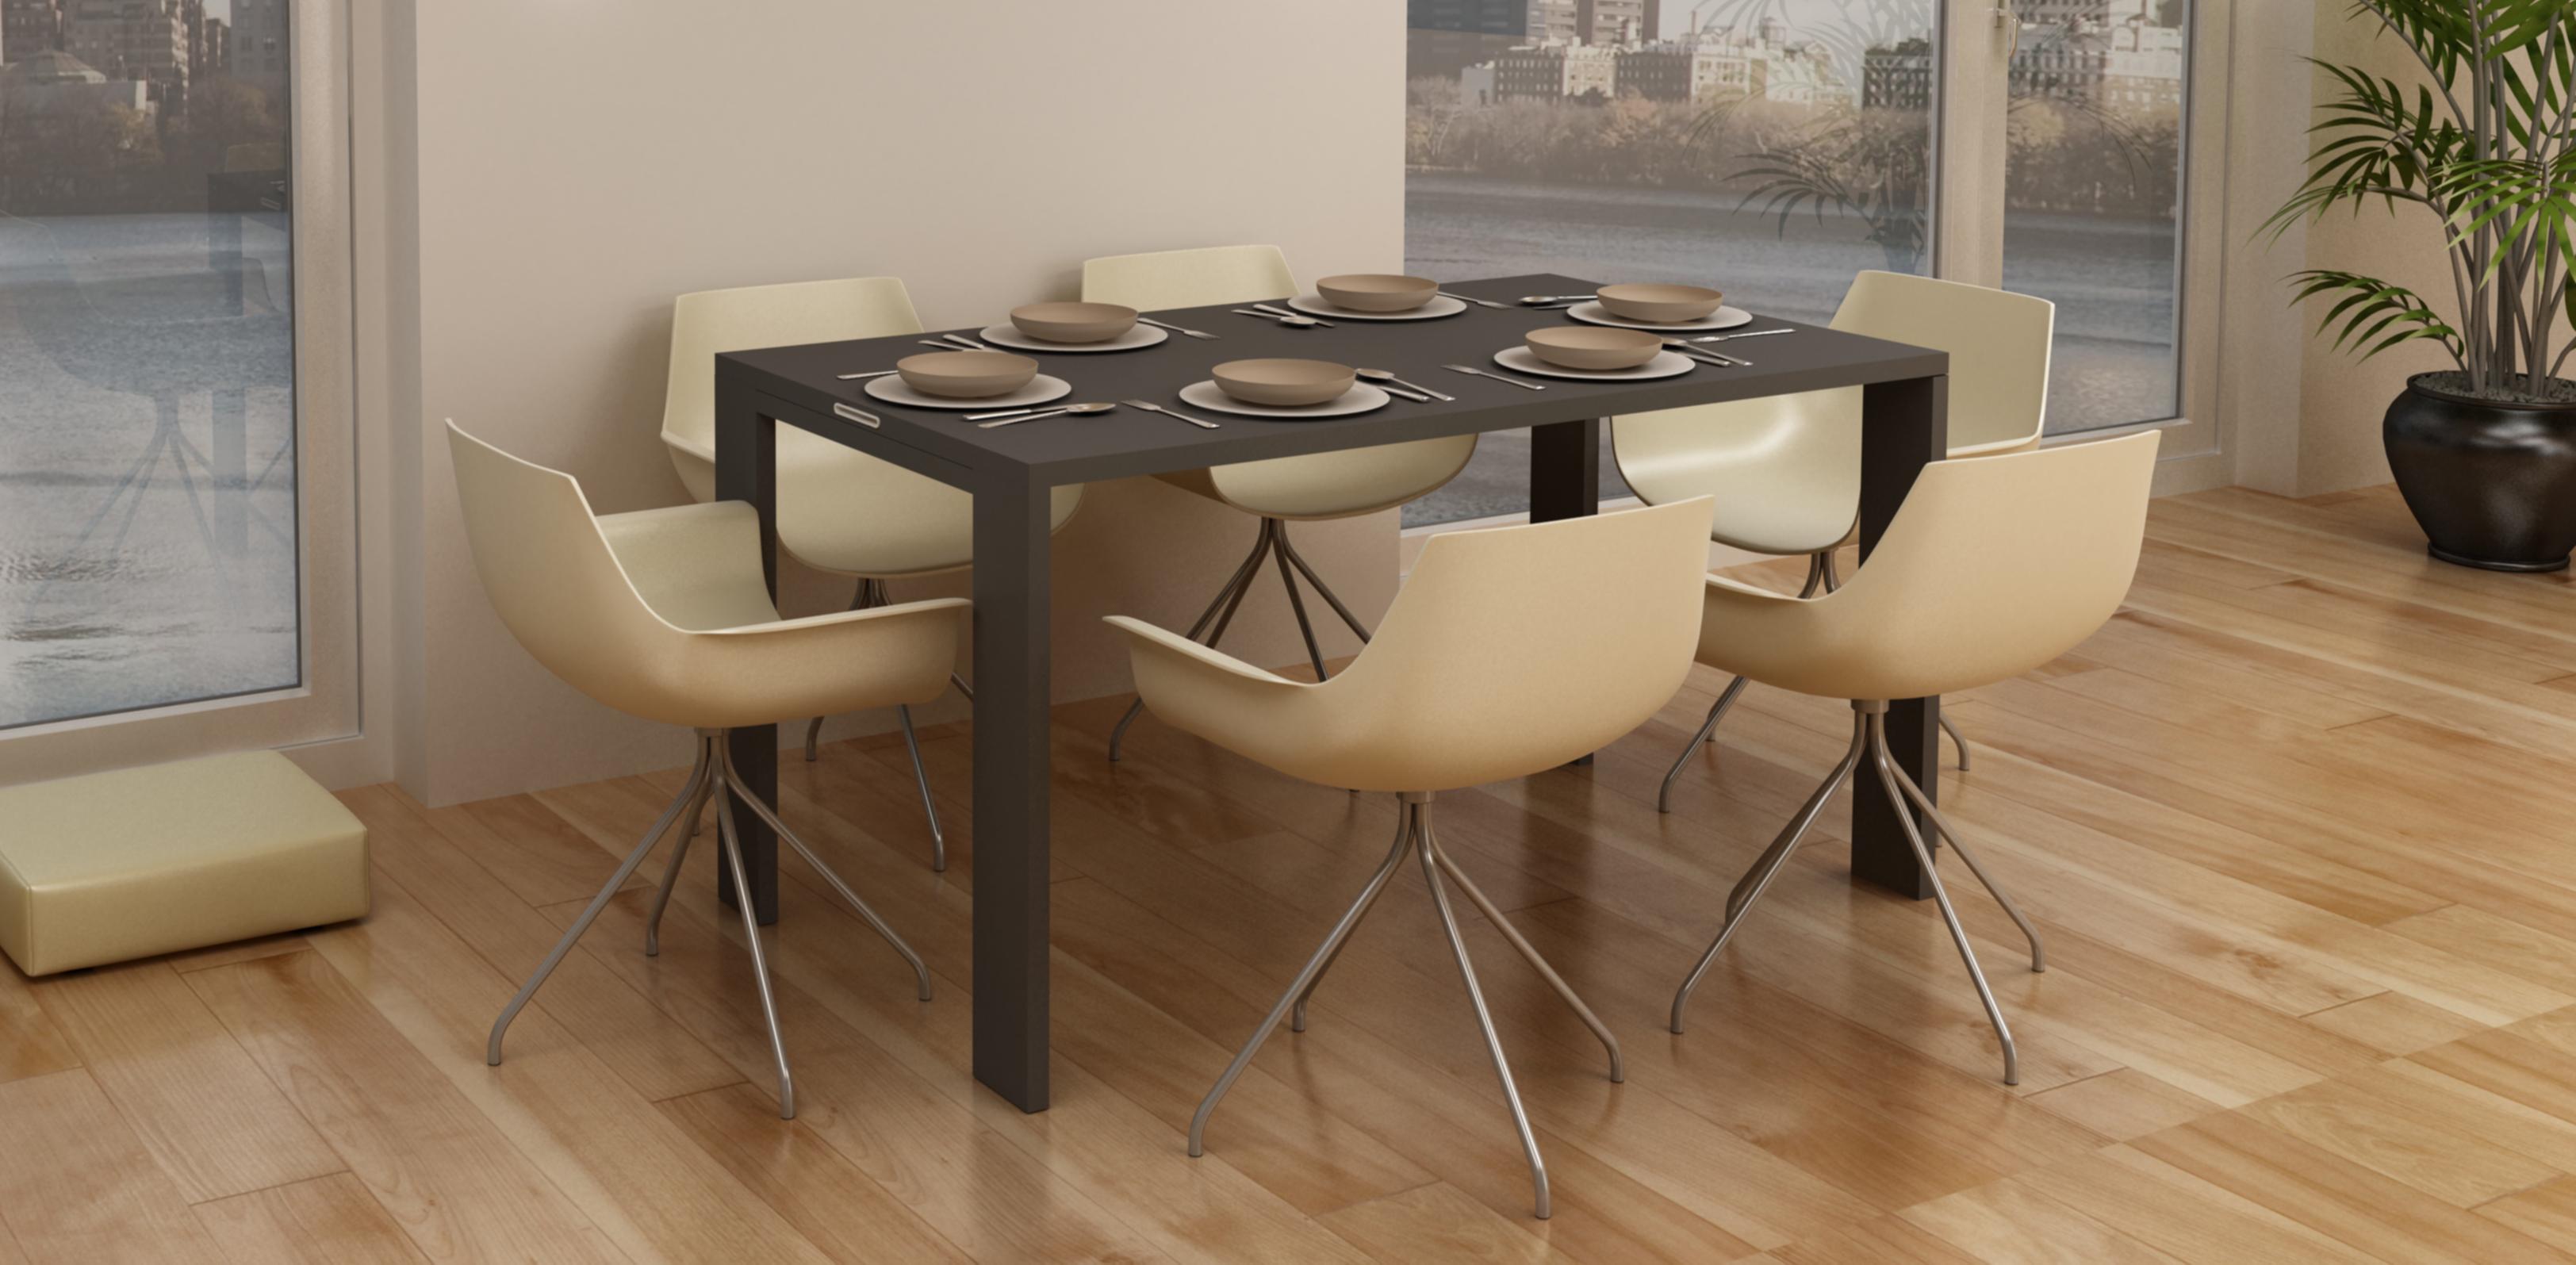 Ivydesign Furniture Design Exhibition Design Eine Weitere - Picture-table-by-ivydesign